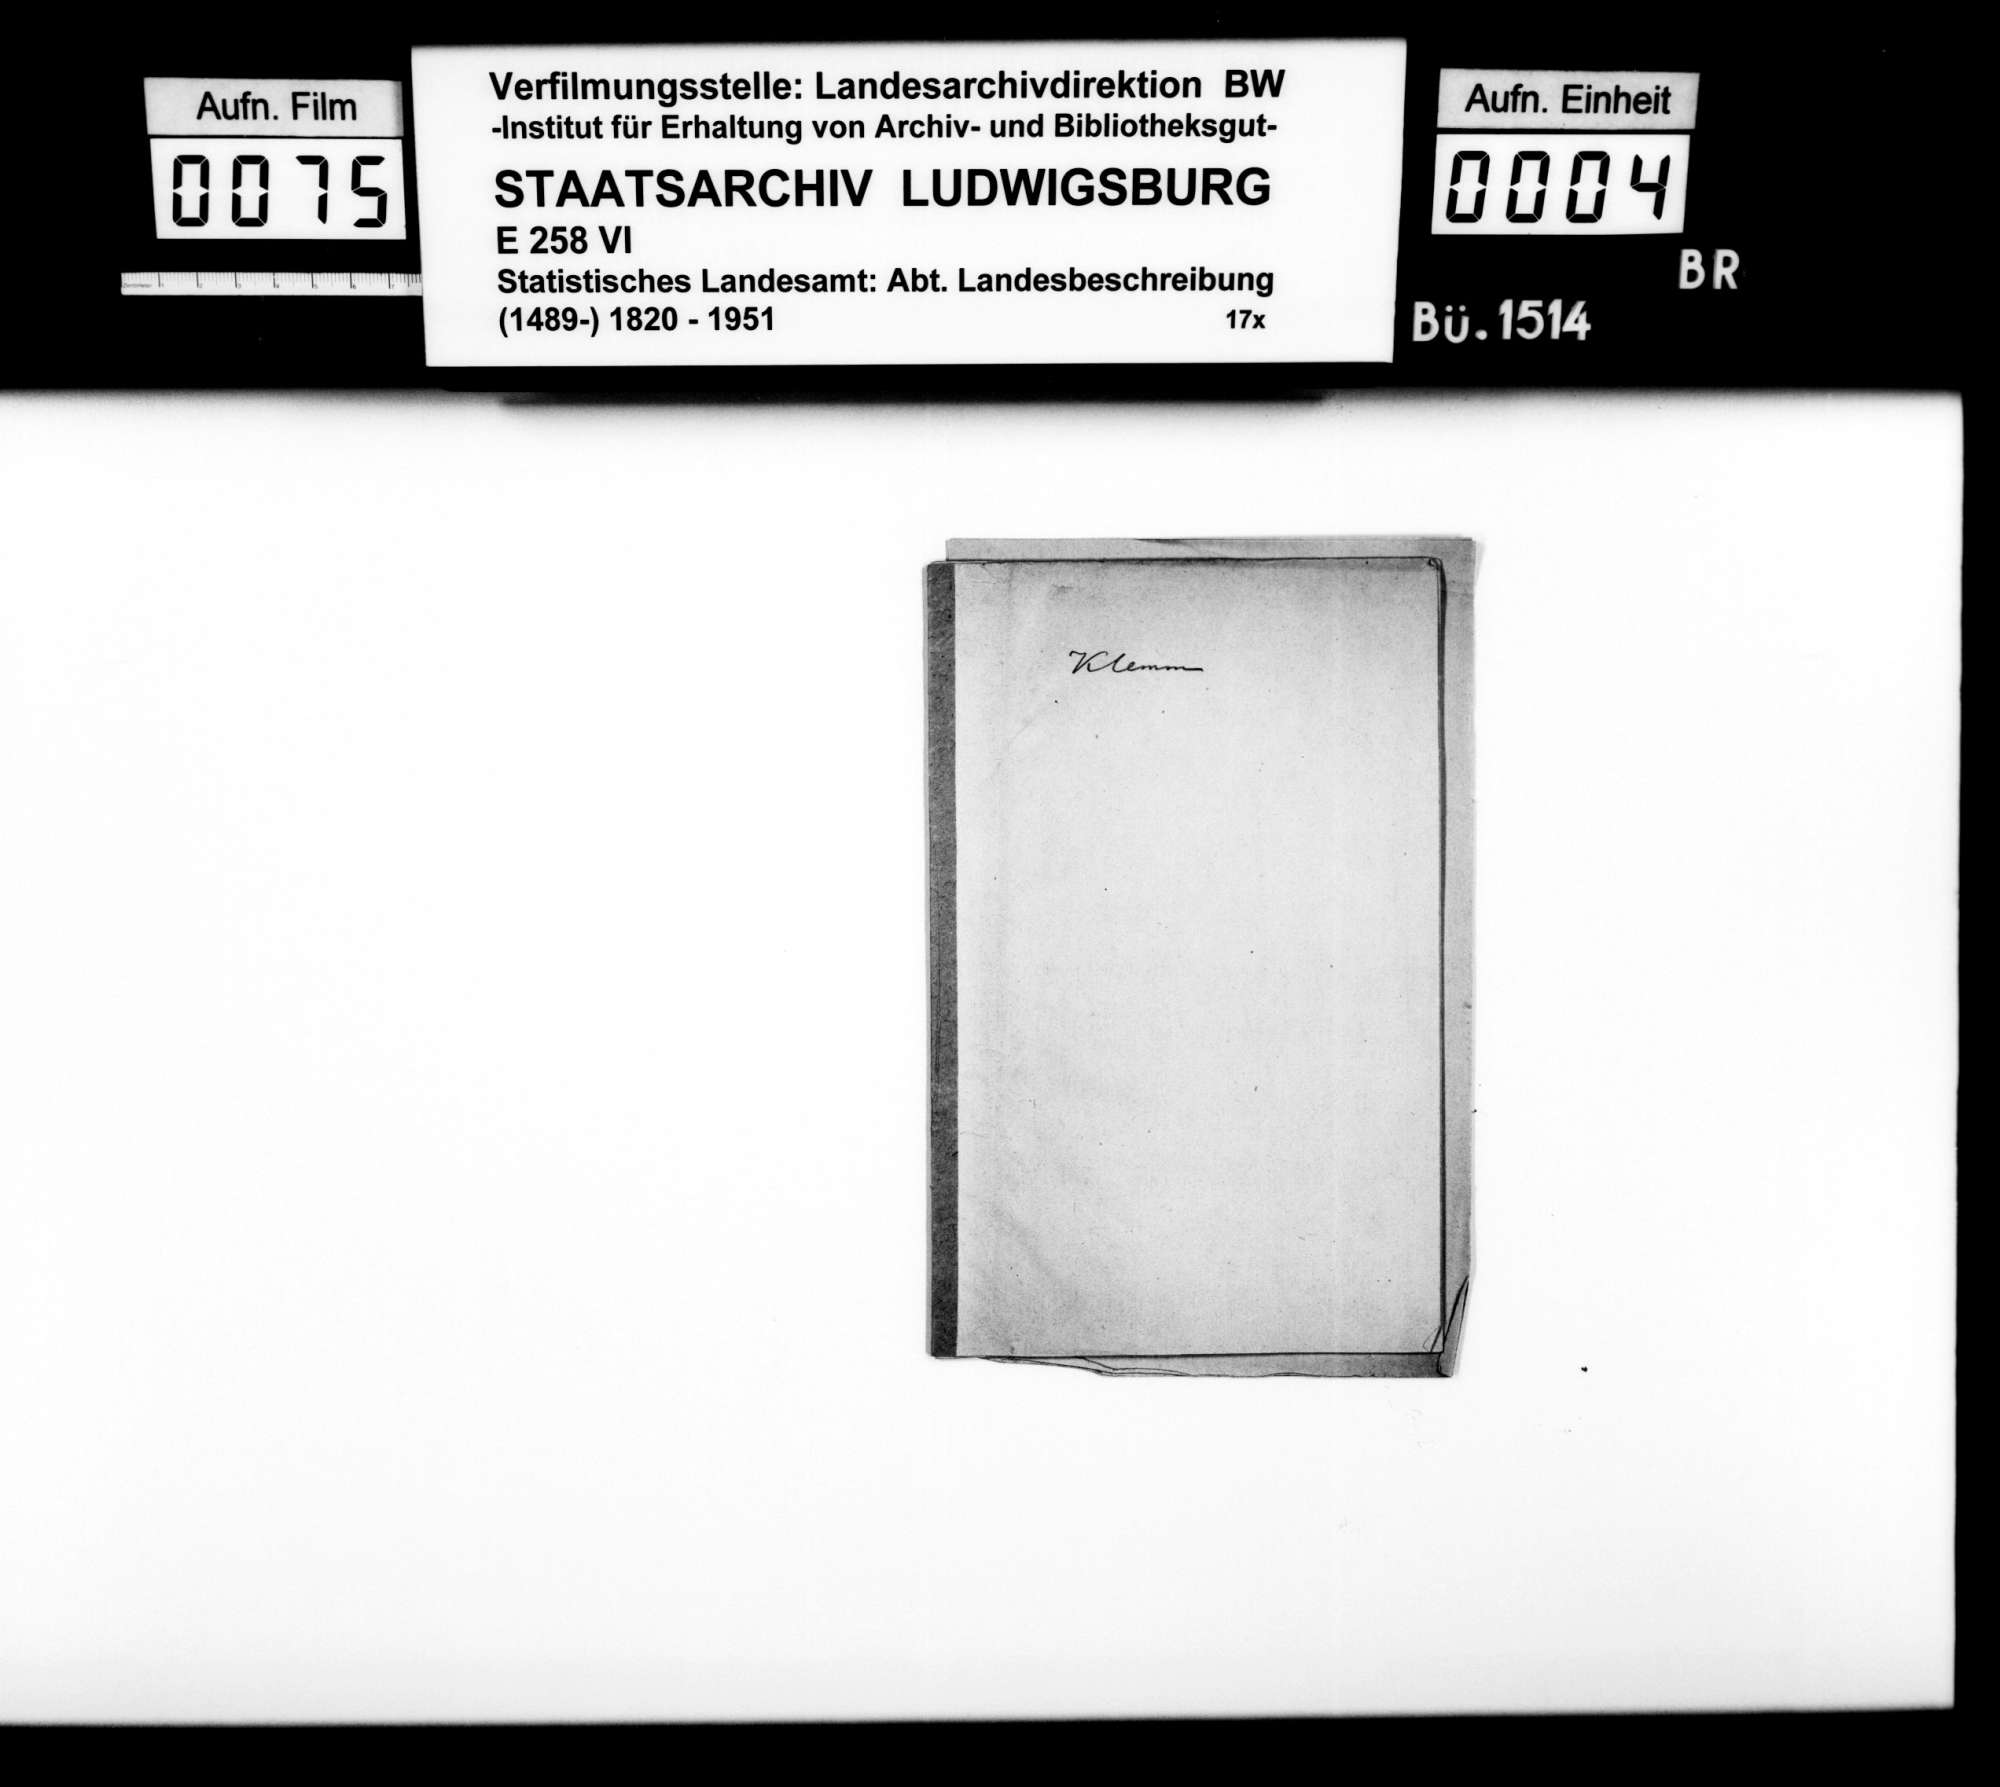 Sammlung gedruckten Materials v.a. zur Geschichte, für eine Neubearbeitung der OAB, Bild 3